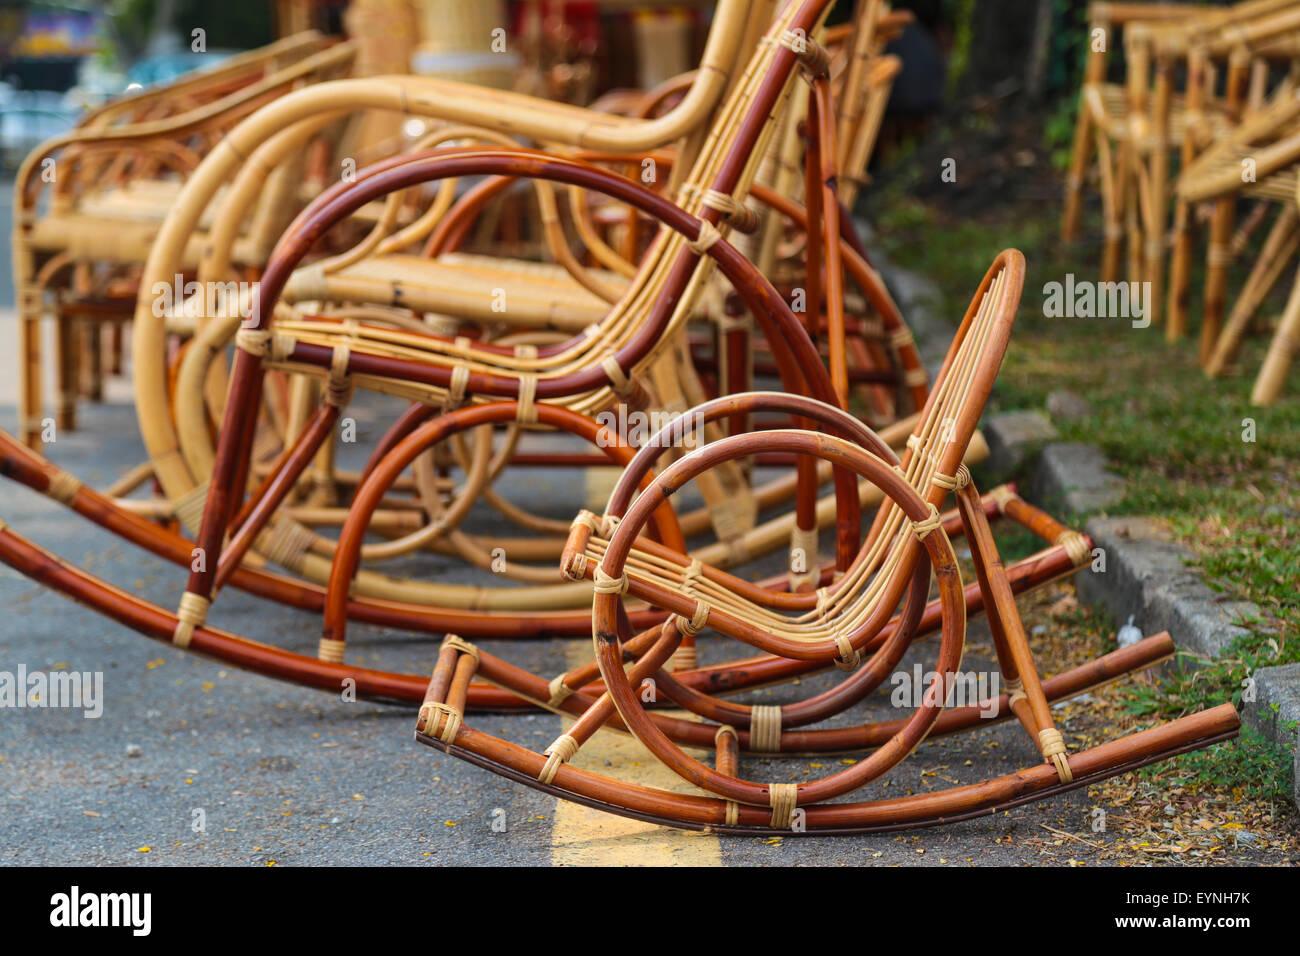 Sedia A Dondolo Per Neonati.Il Bambu Sedie A Dondolo Per Bambini E Adulti Sul Lato Della